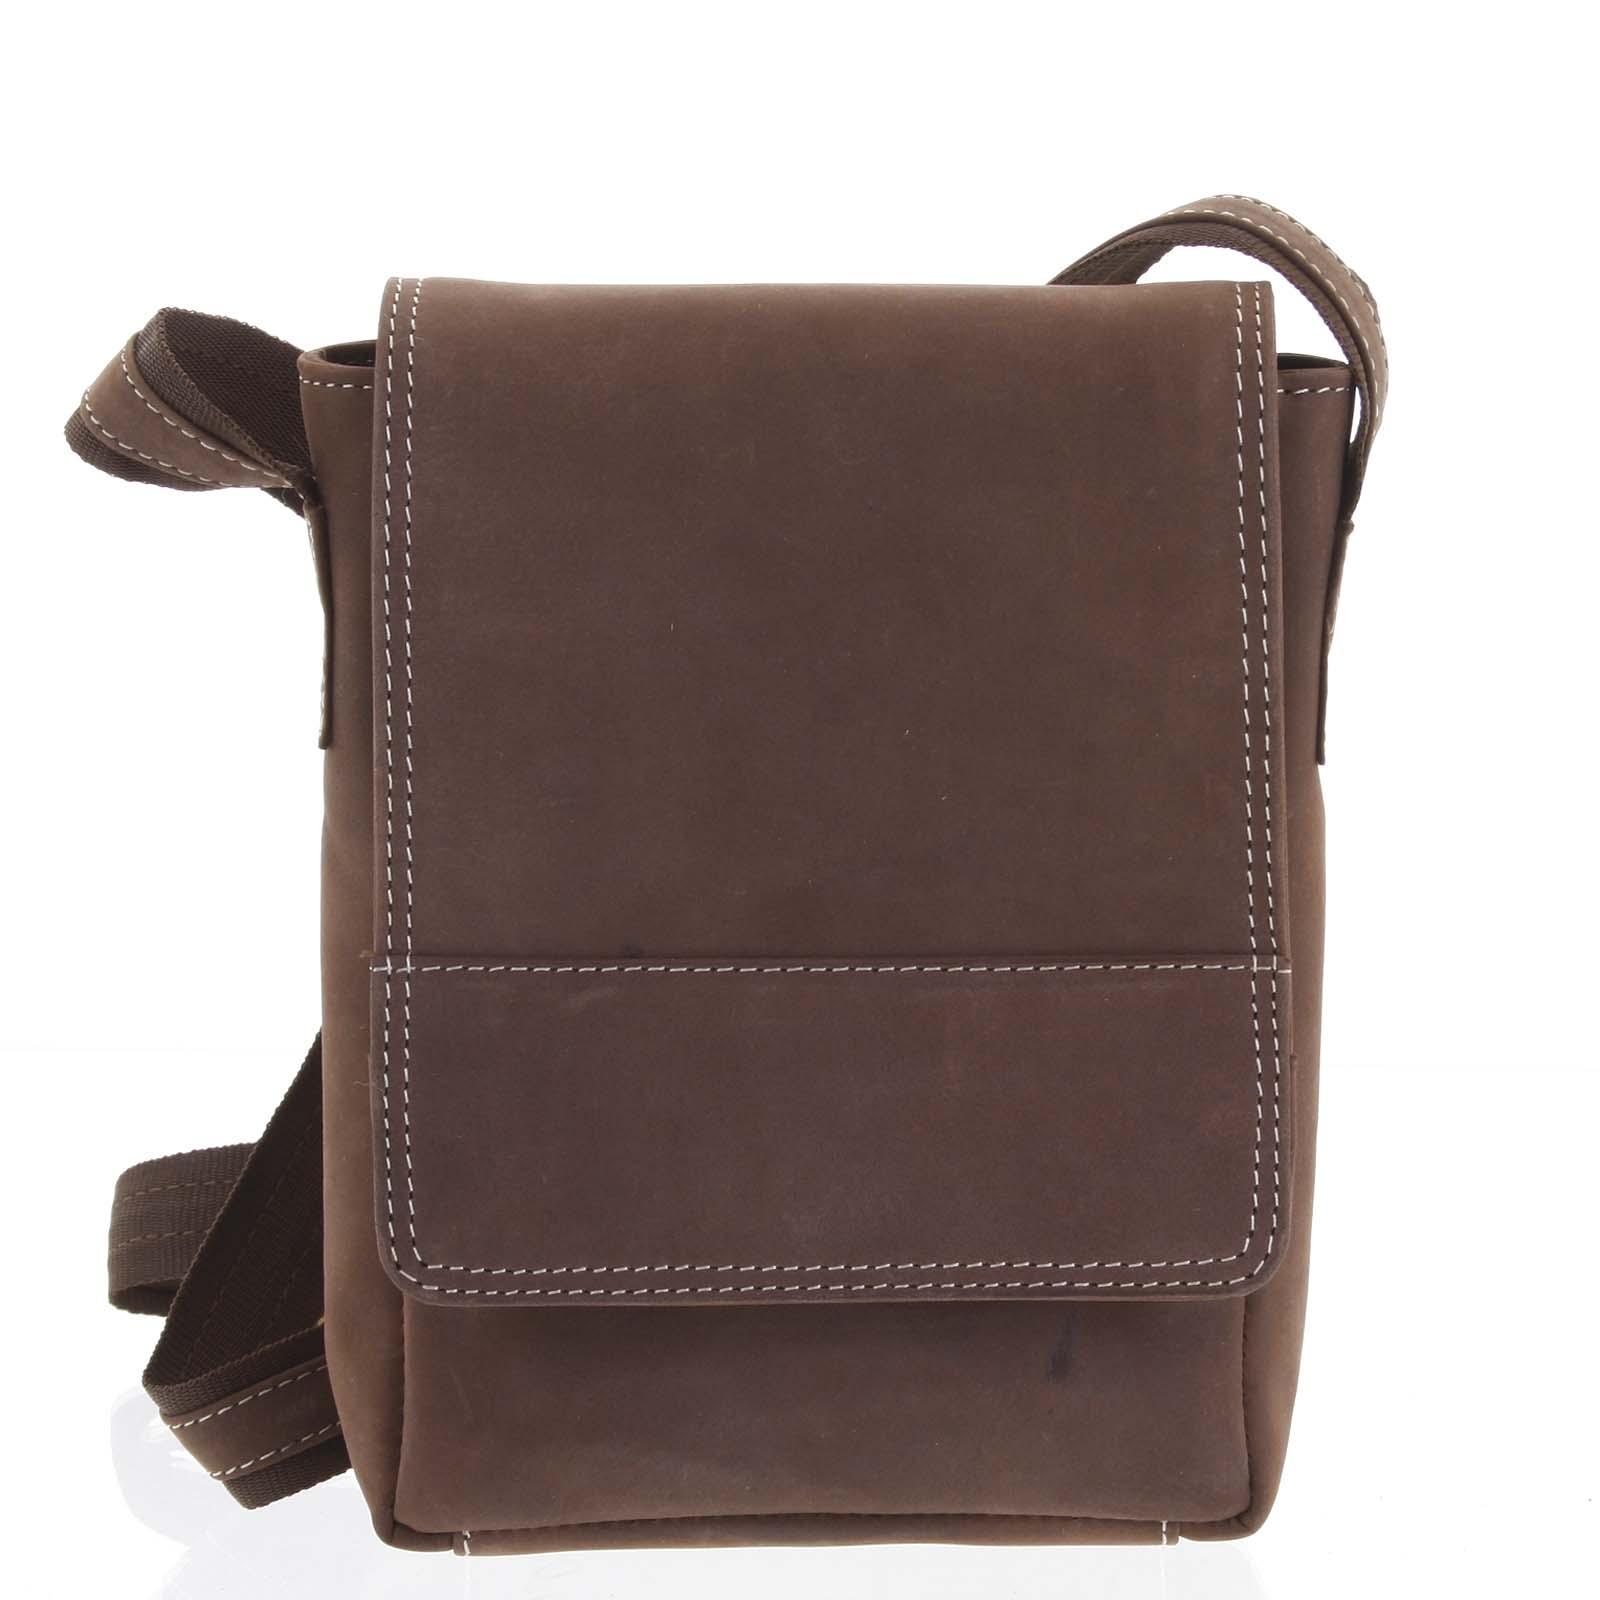 Kožená pánska crossbody taška na doklady hnedá brúsená 0213 hnedá